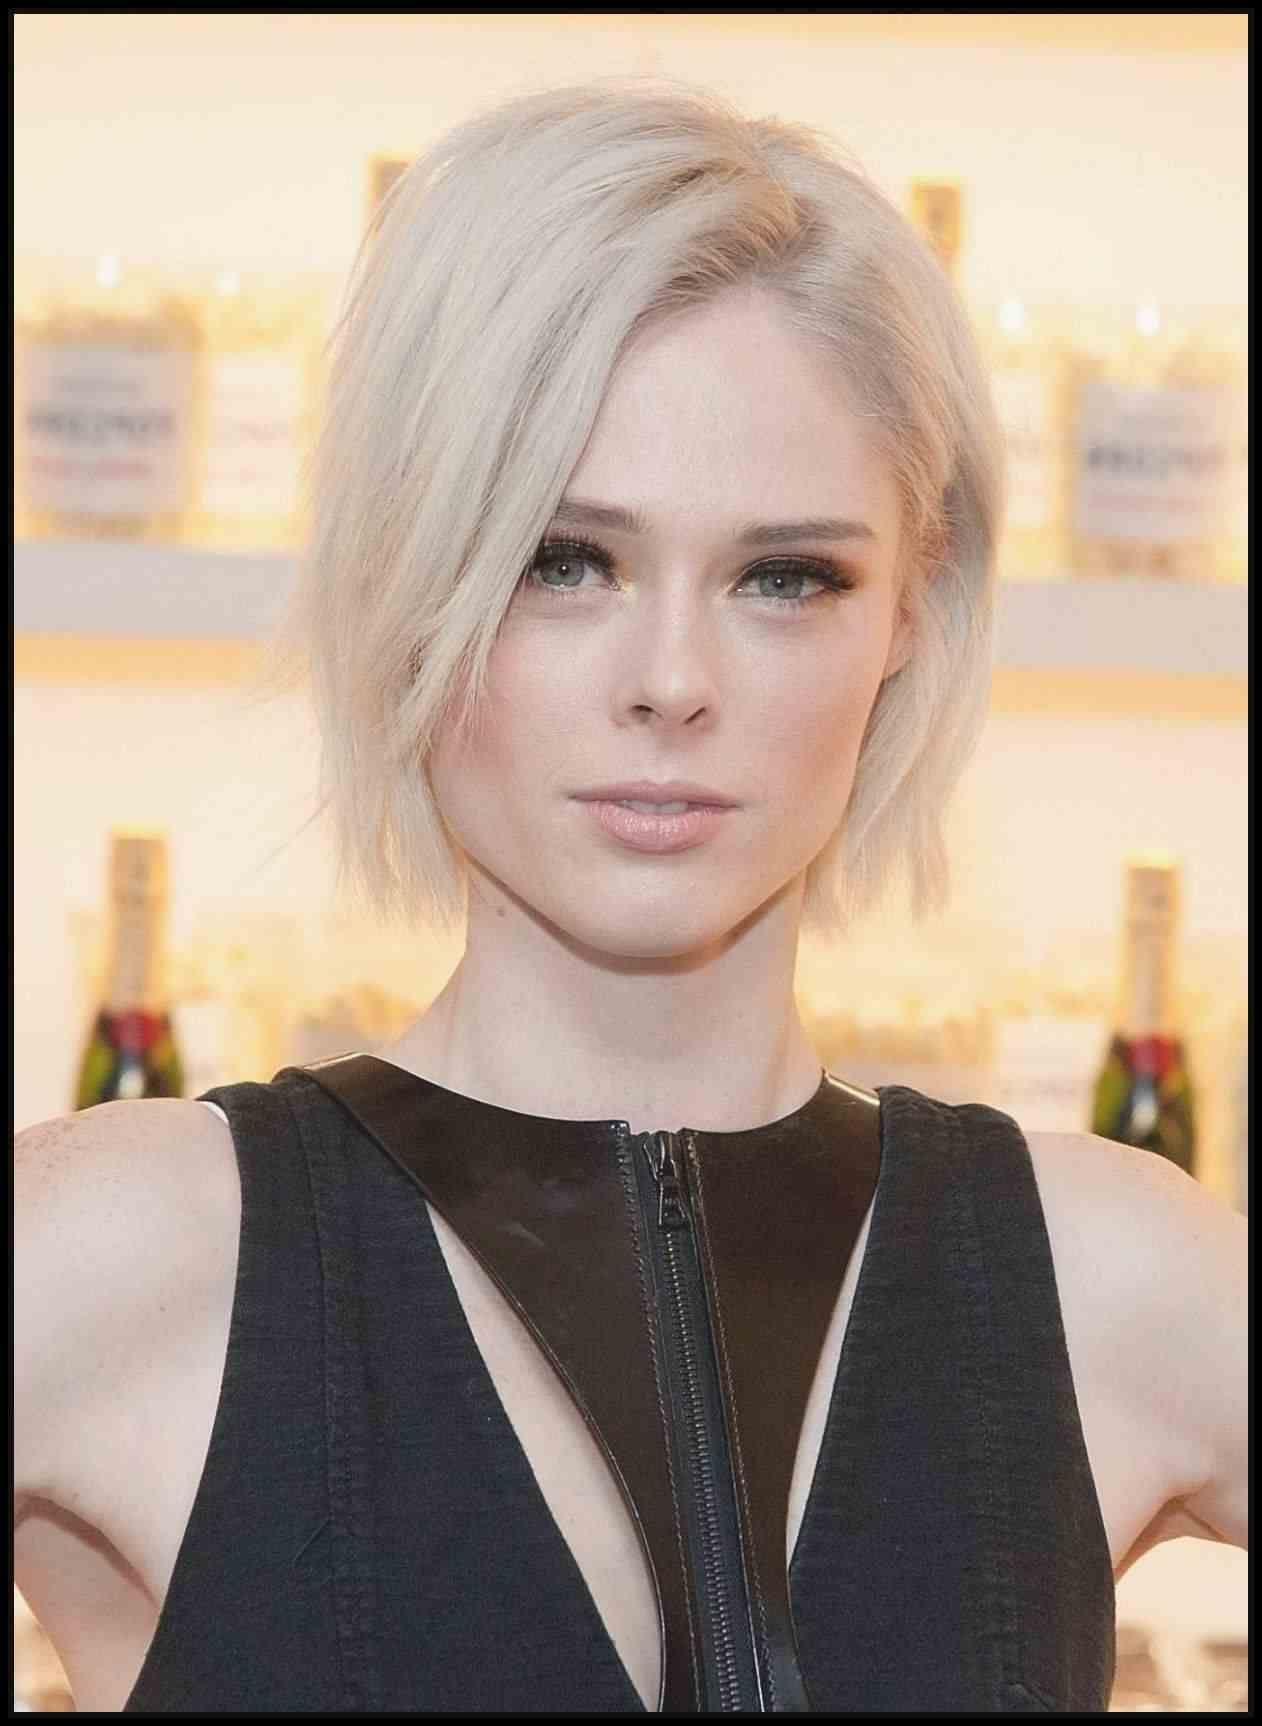 Haarschnitt Für Frauen Ab 65 Modische Frisuren Für Frauen